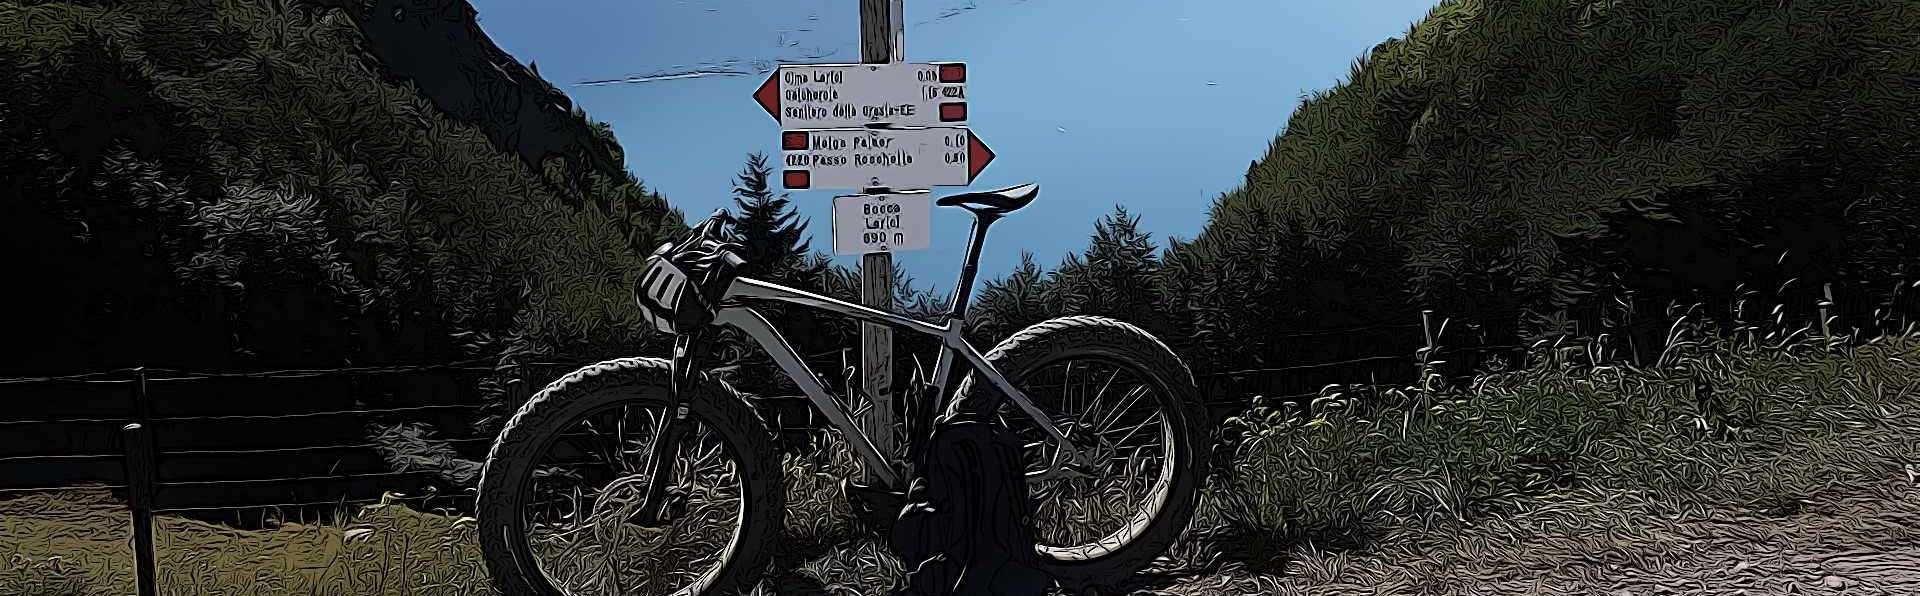 Radfahren am Gardasee - Radrouten in Venetien